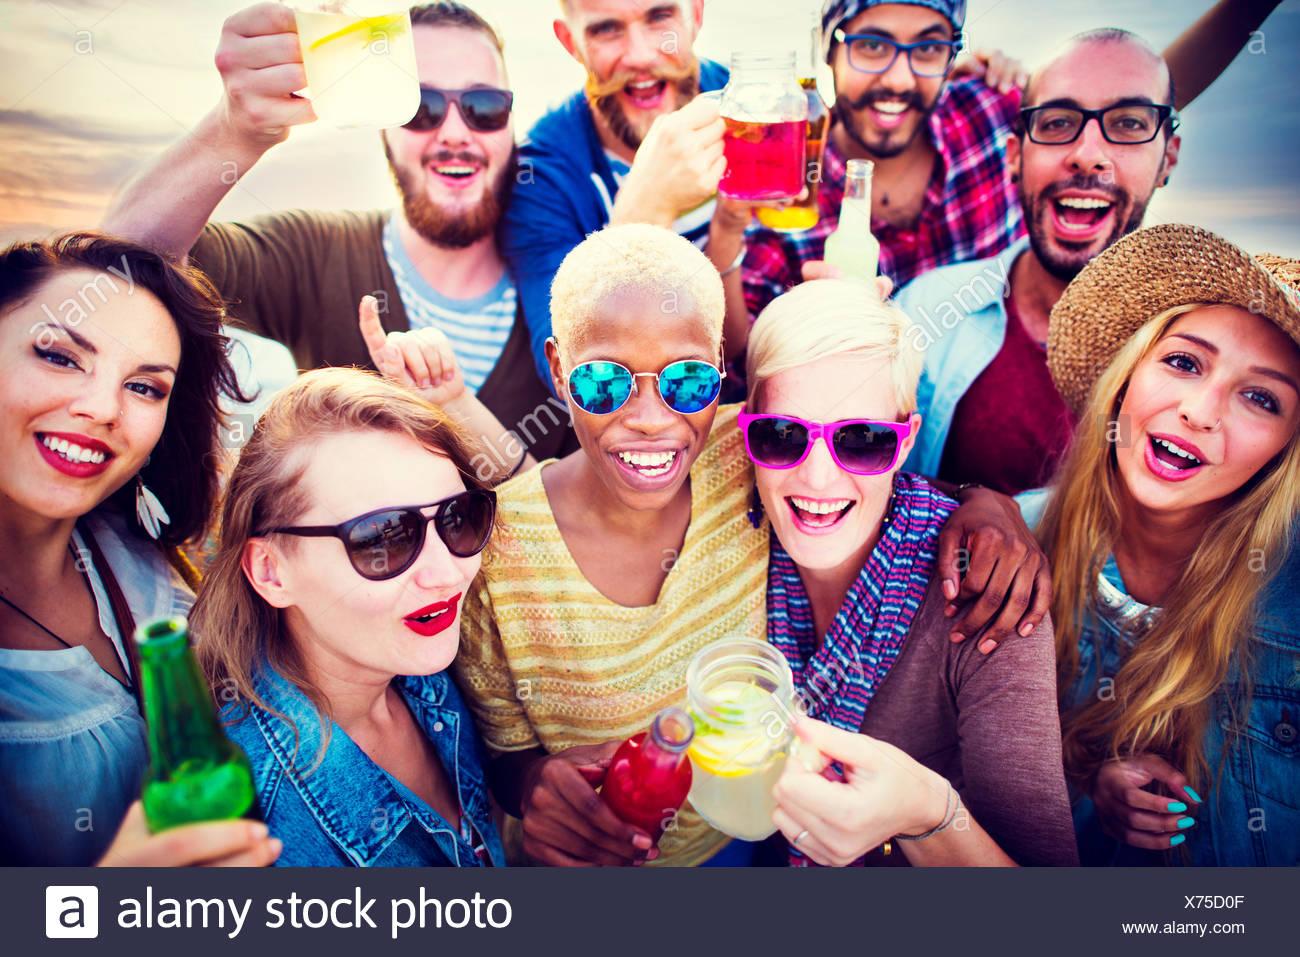 Joyeuse célébration Enjoying Party Concept Bonheur Loisirs Photo Stock